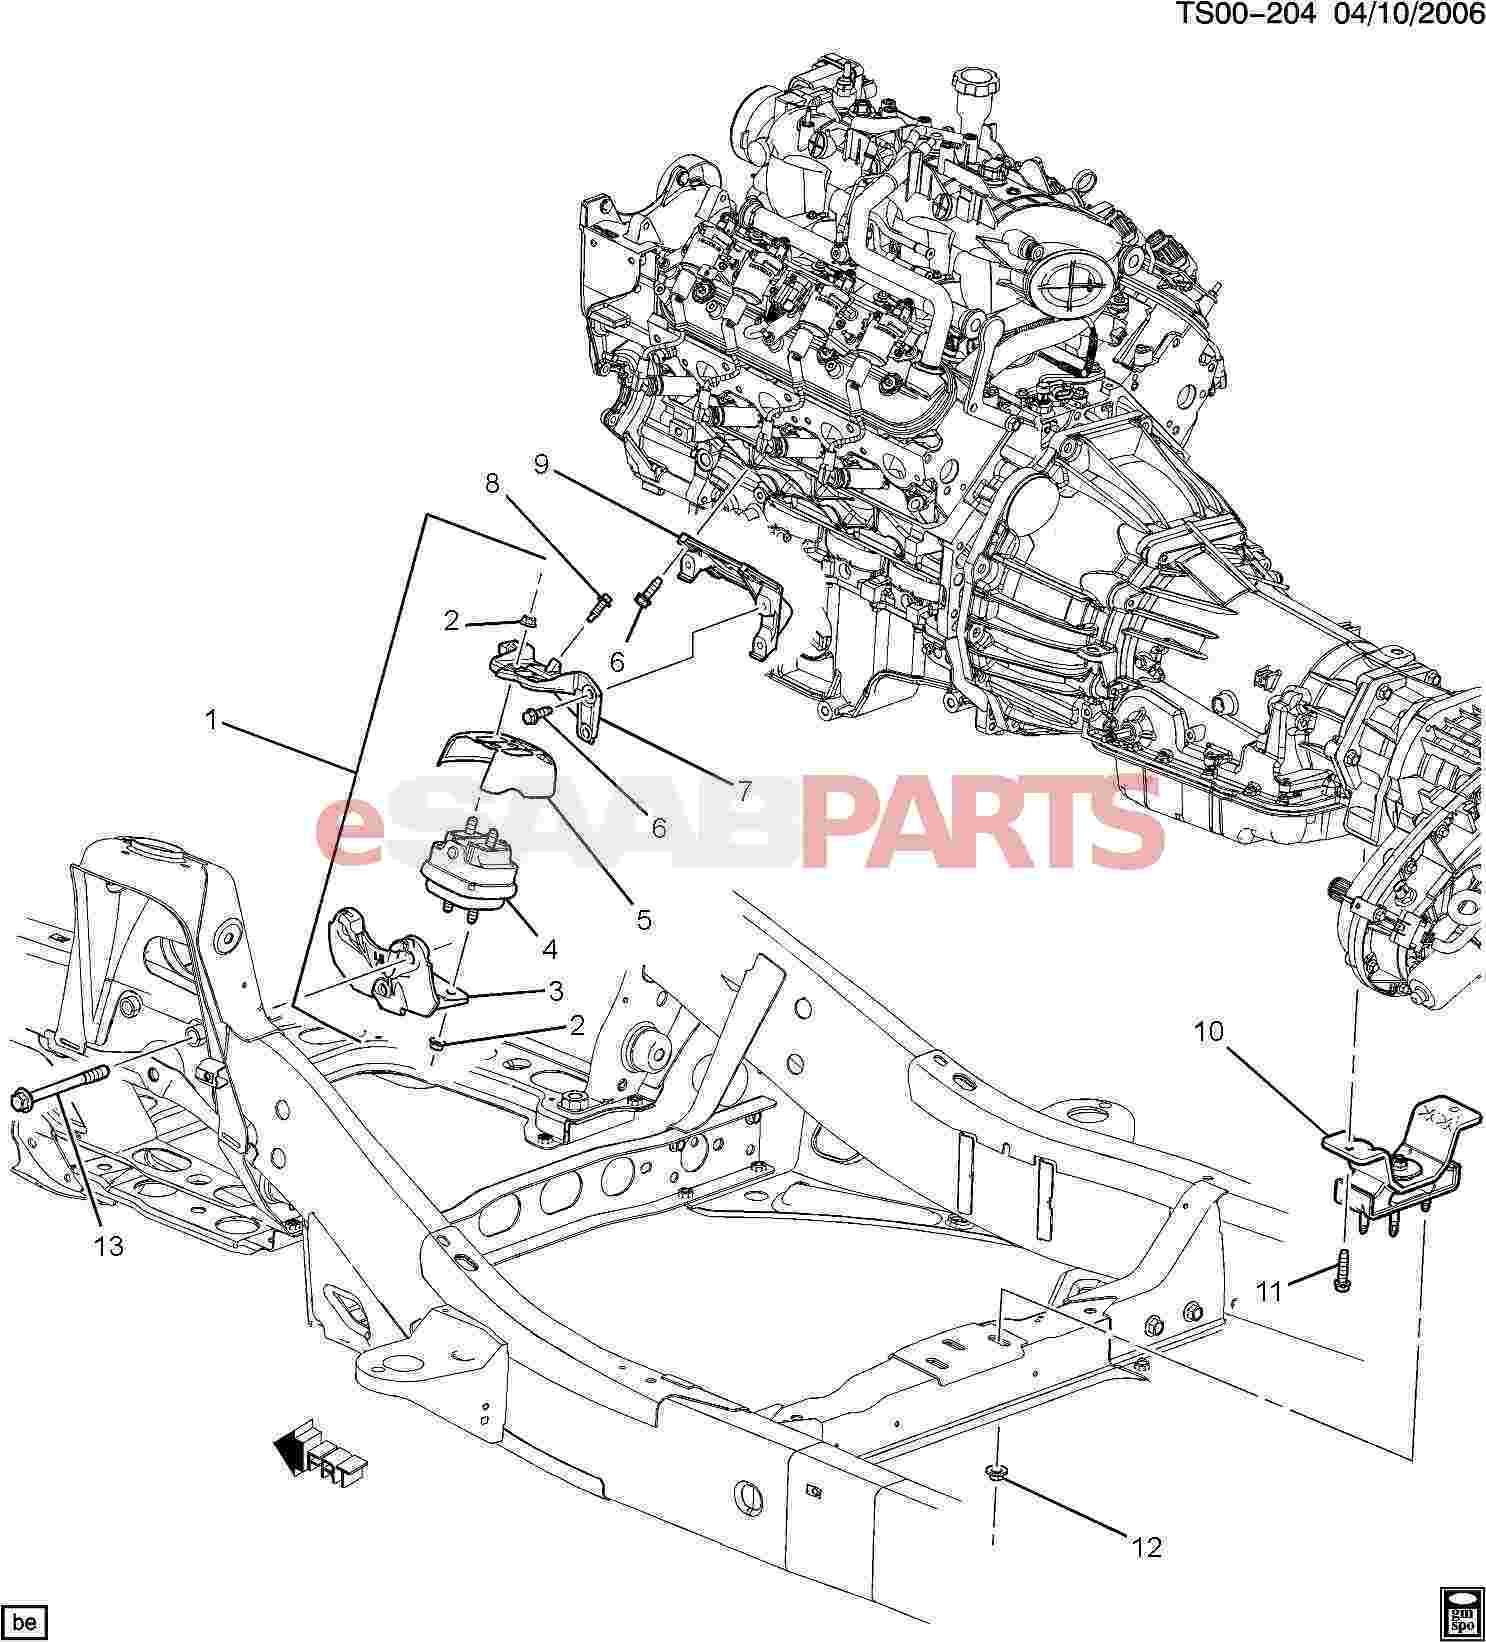 Ej205 Engine Diagram Wiring Will Be A Thing Ej25 Sh3 Me Ej20 Code